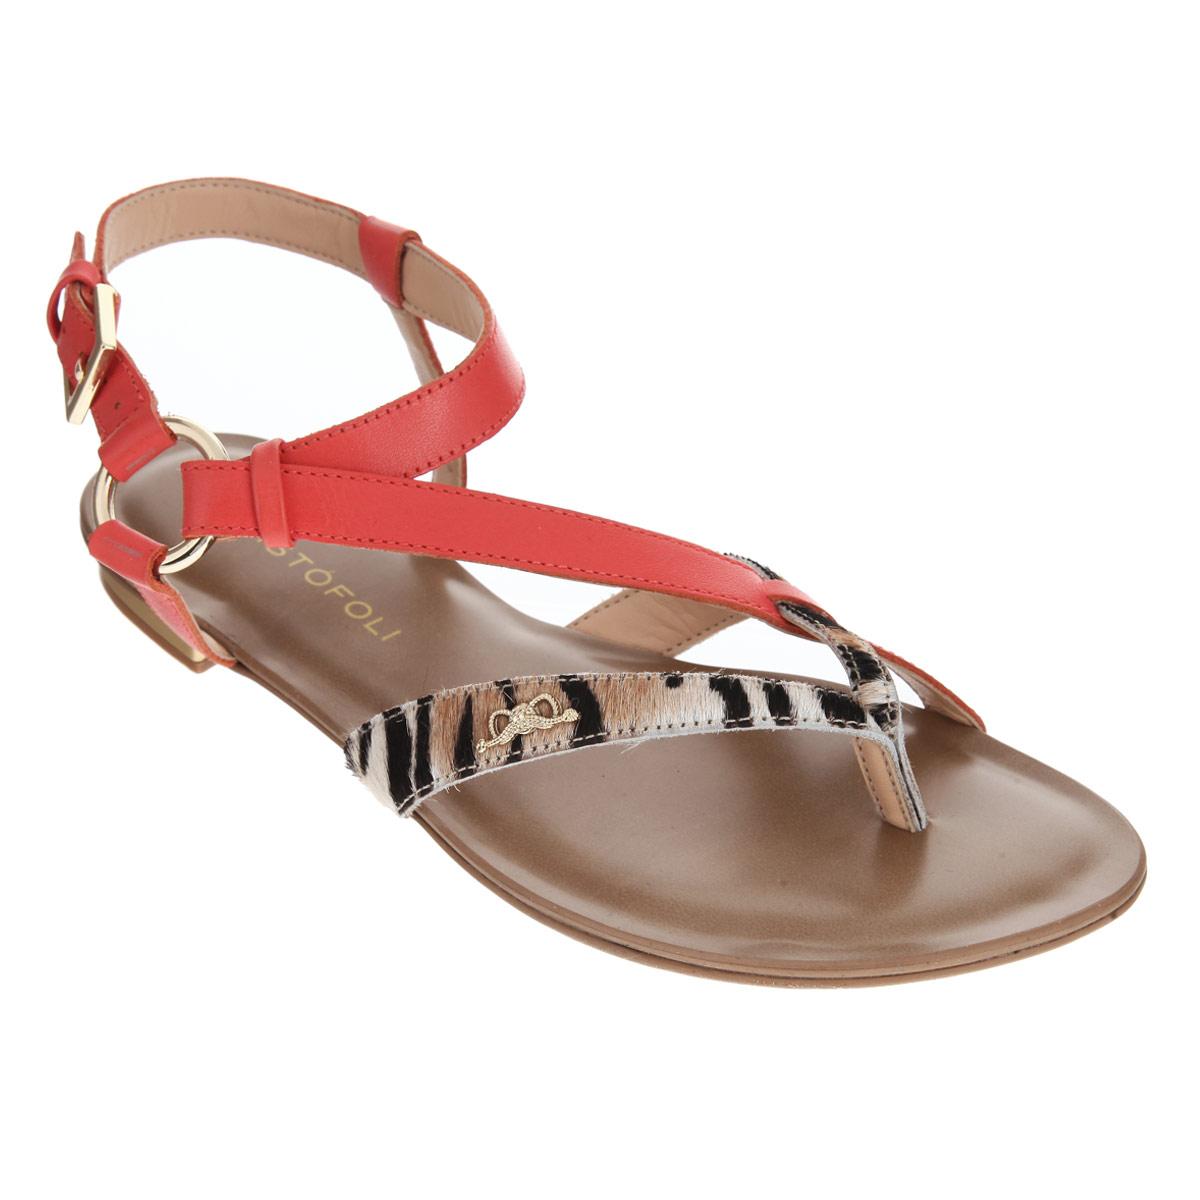 Сандалии женские. 150410150410Оригинальные женские сандалии от Cristofoli заинтересуют вас своим дизайном. Изделие изготовлено из натуральной кожи. Фиксирующие ремешки, соединенные между собой металлическим кольцом, надежно закрепят модель на вашей ноге. Ремешок с металлической пряжкой, опоясывающий щиколотку, застегивается при помощи крючка. Передние ремешки выполнены из ворса и оформлены декоративным элементом в виде бантика, выполненного из металла. Стелька из натуральной кожи позволяет ногам дышать. Невысокий каблук и подошва дополнены противоскользящим рифлением. Стильные сандалии помогут вам создать яркий запоминающийся образ.